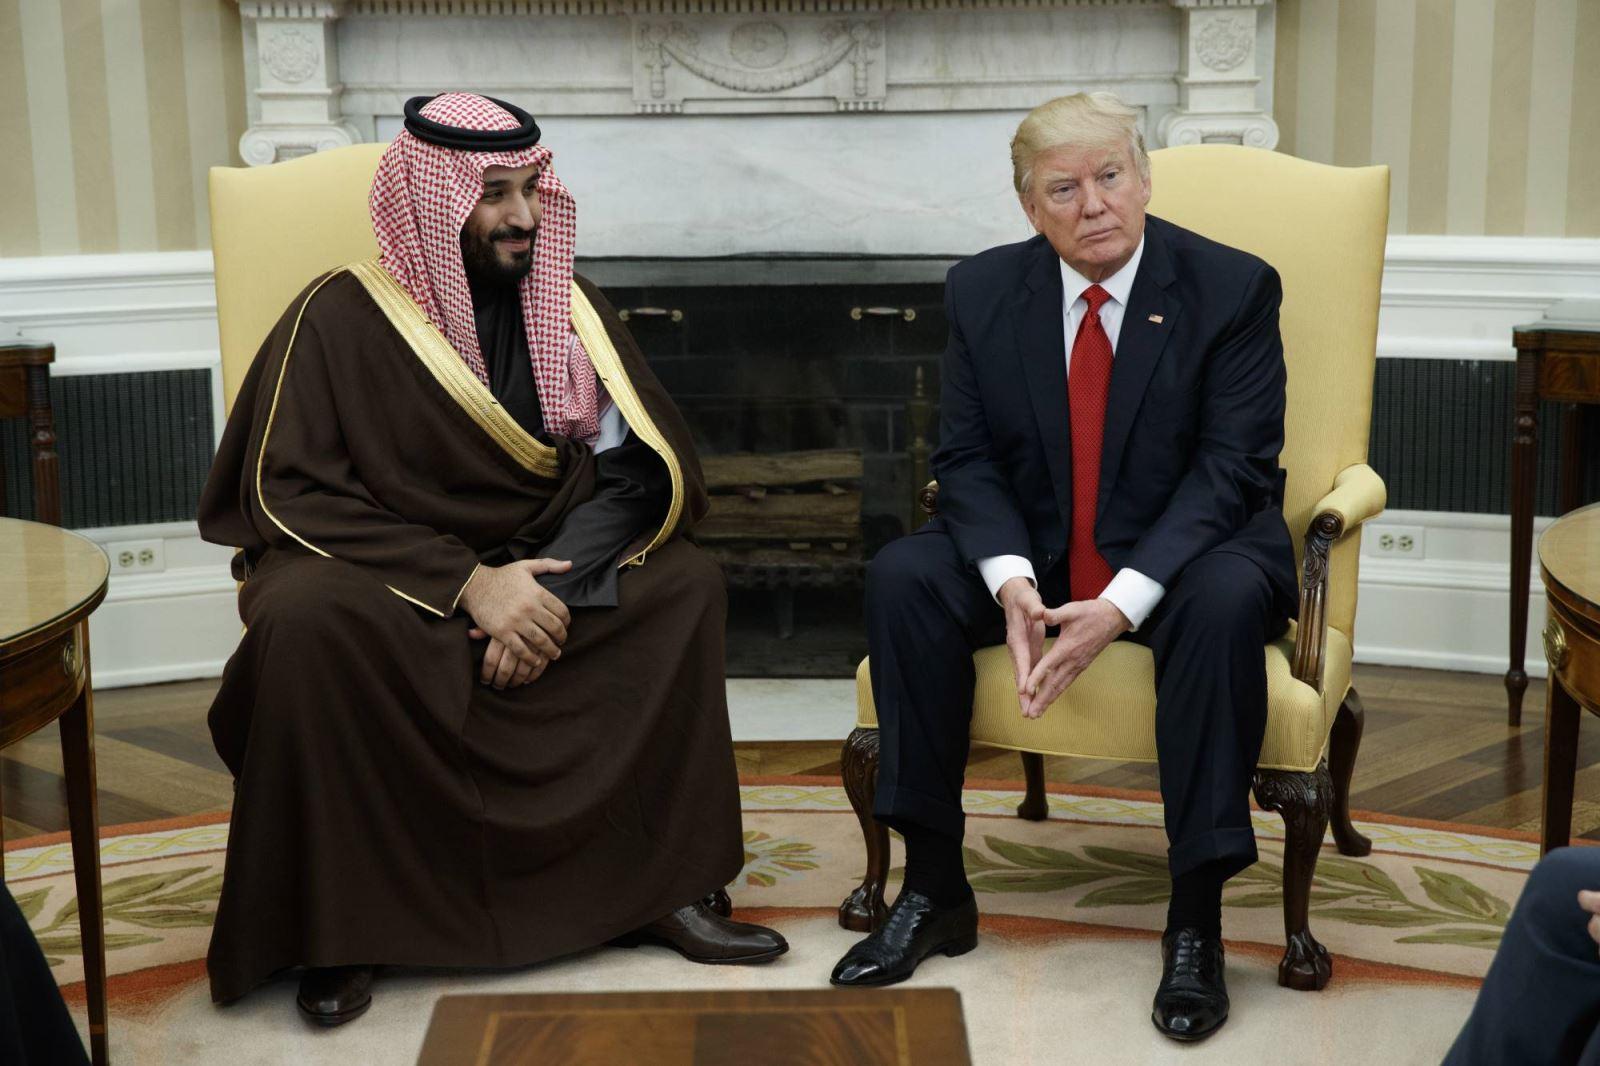 لقاء سابق في البيت الأبيض بين ترمب والأمير محمد بن سلمان